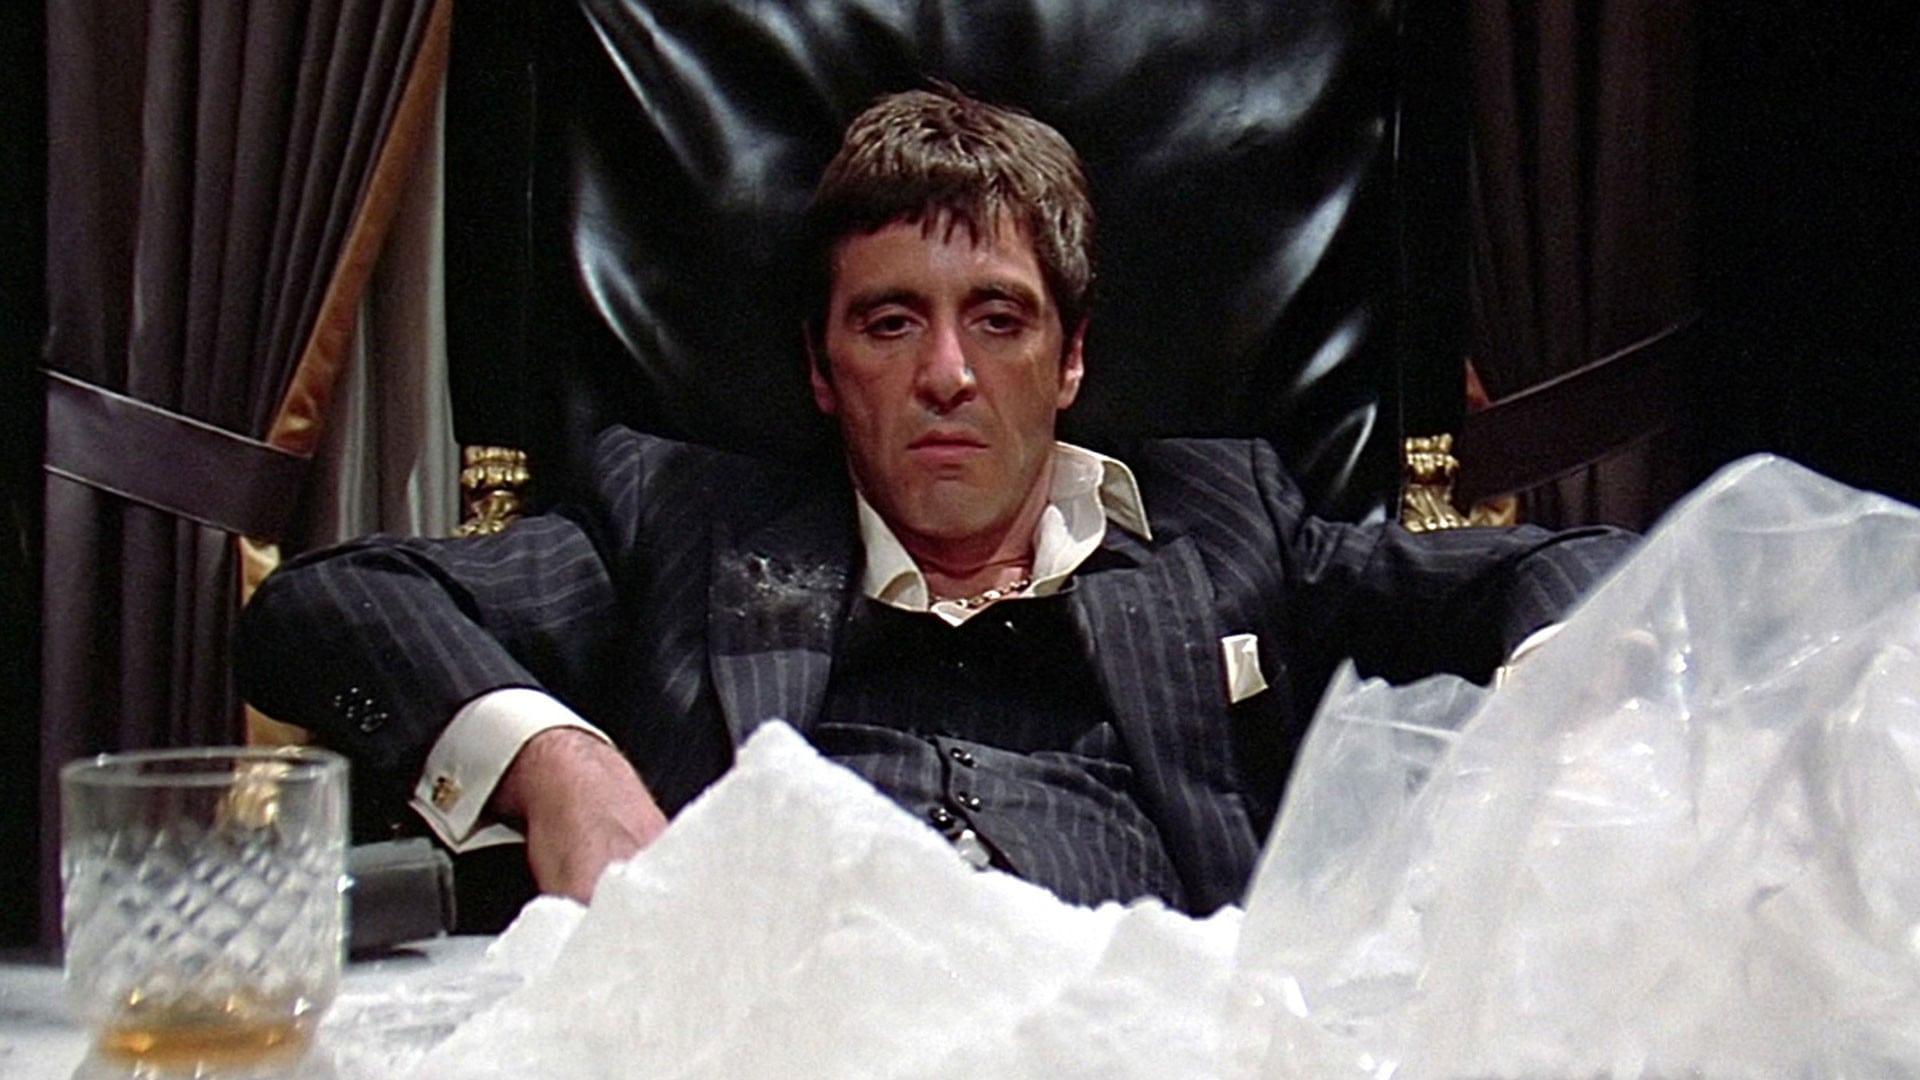 Зависимость от кокаина: последствия, «наркотический цикл» и абстинентный синдром - 98120b4da23ca3bc8c423f1764068e041